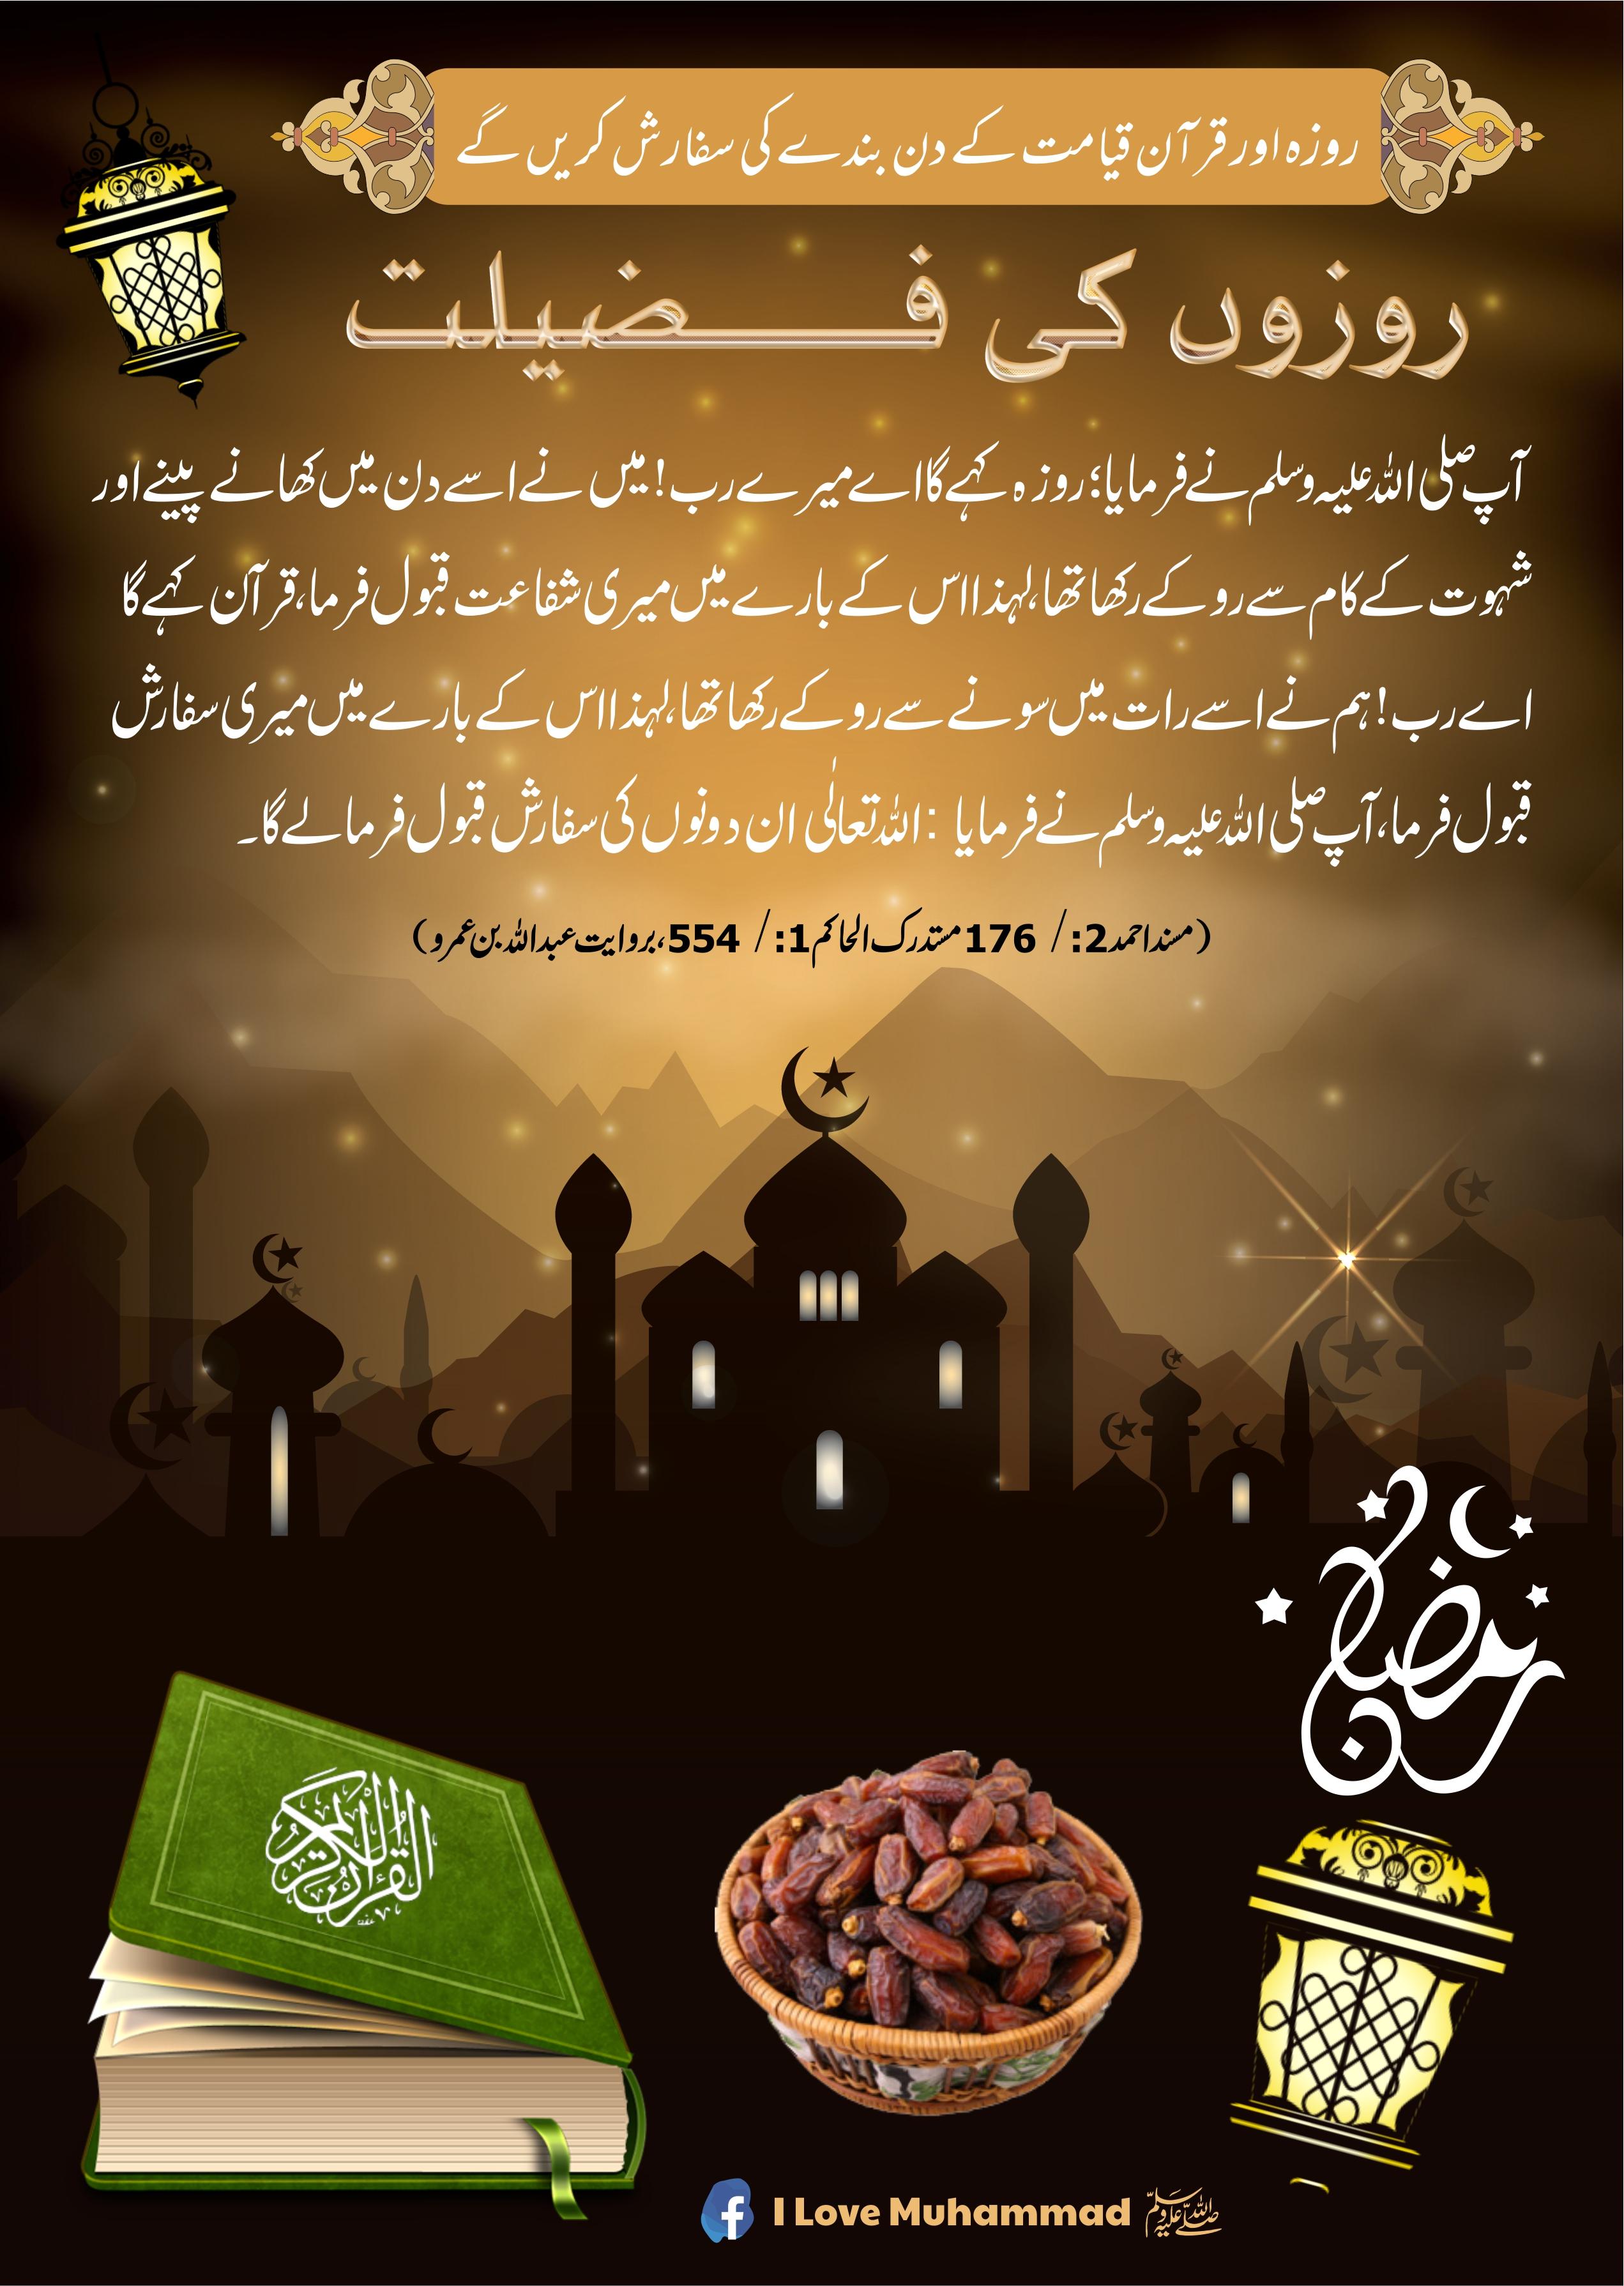 روزہ اور قرآن قیامت کے دن بندے کی سفارش کریں گے JPG.jpg